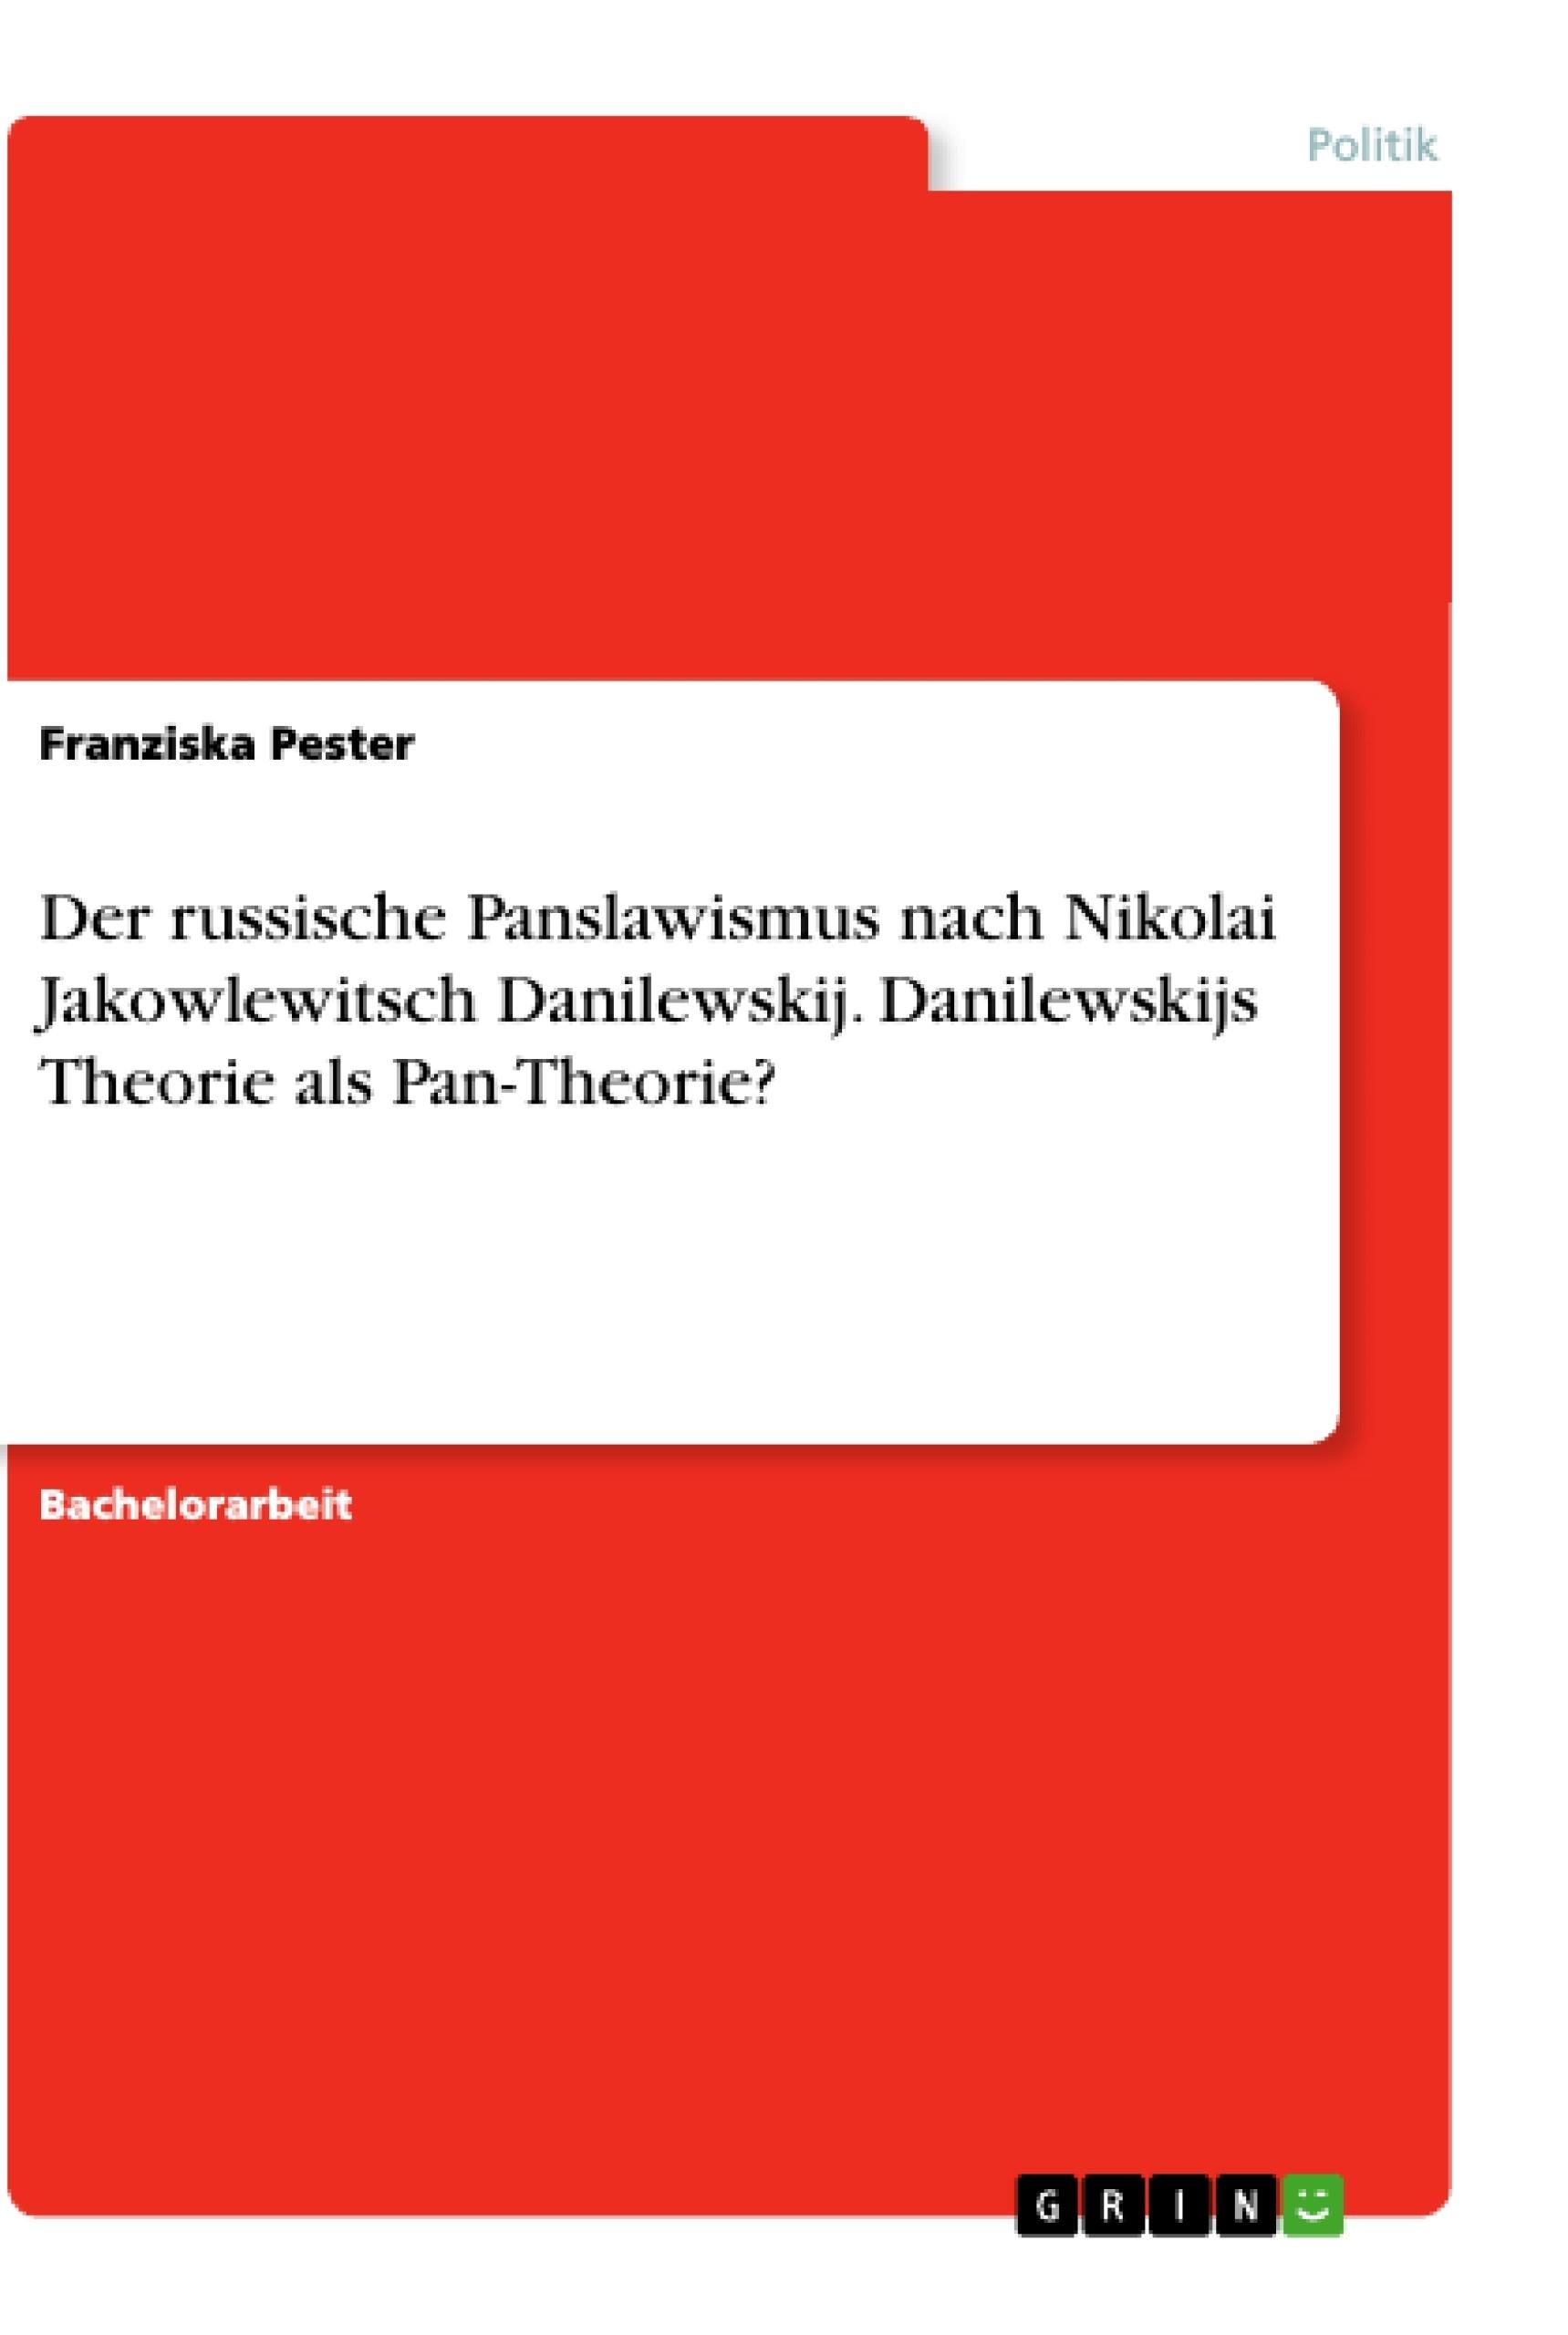 Titel: Der russische Panslawismus nach Nikolai Jakowlewitsch Danilewskij. Danilewskijs Theorie als Pan-Theorie?